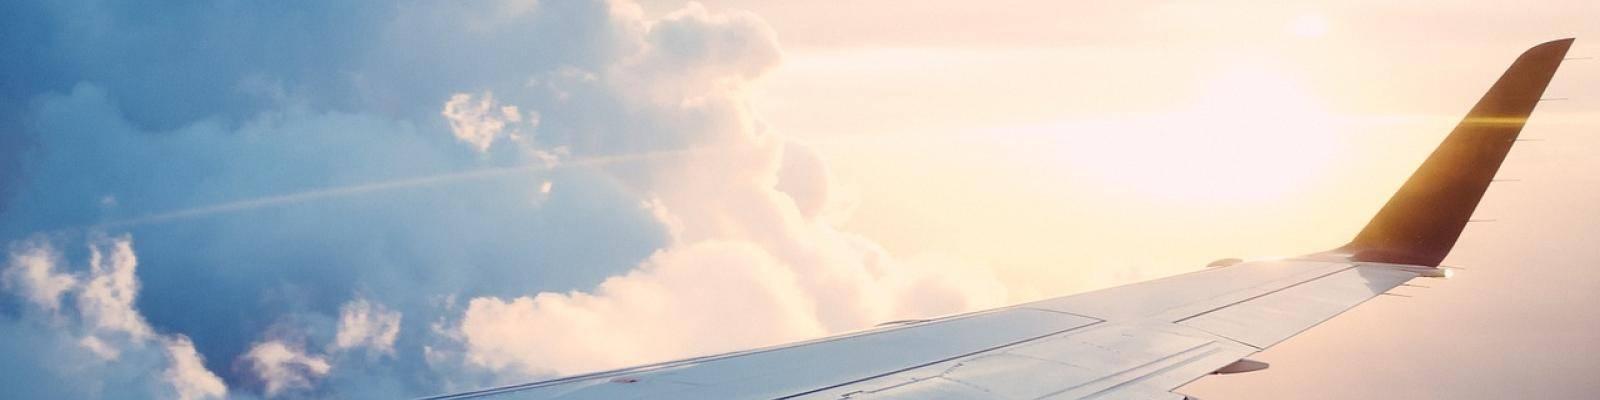 Vleugel vliegtuig in lucht